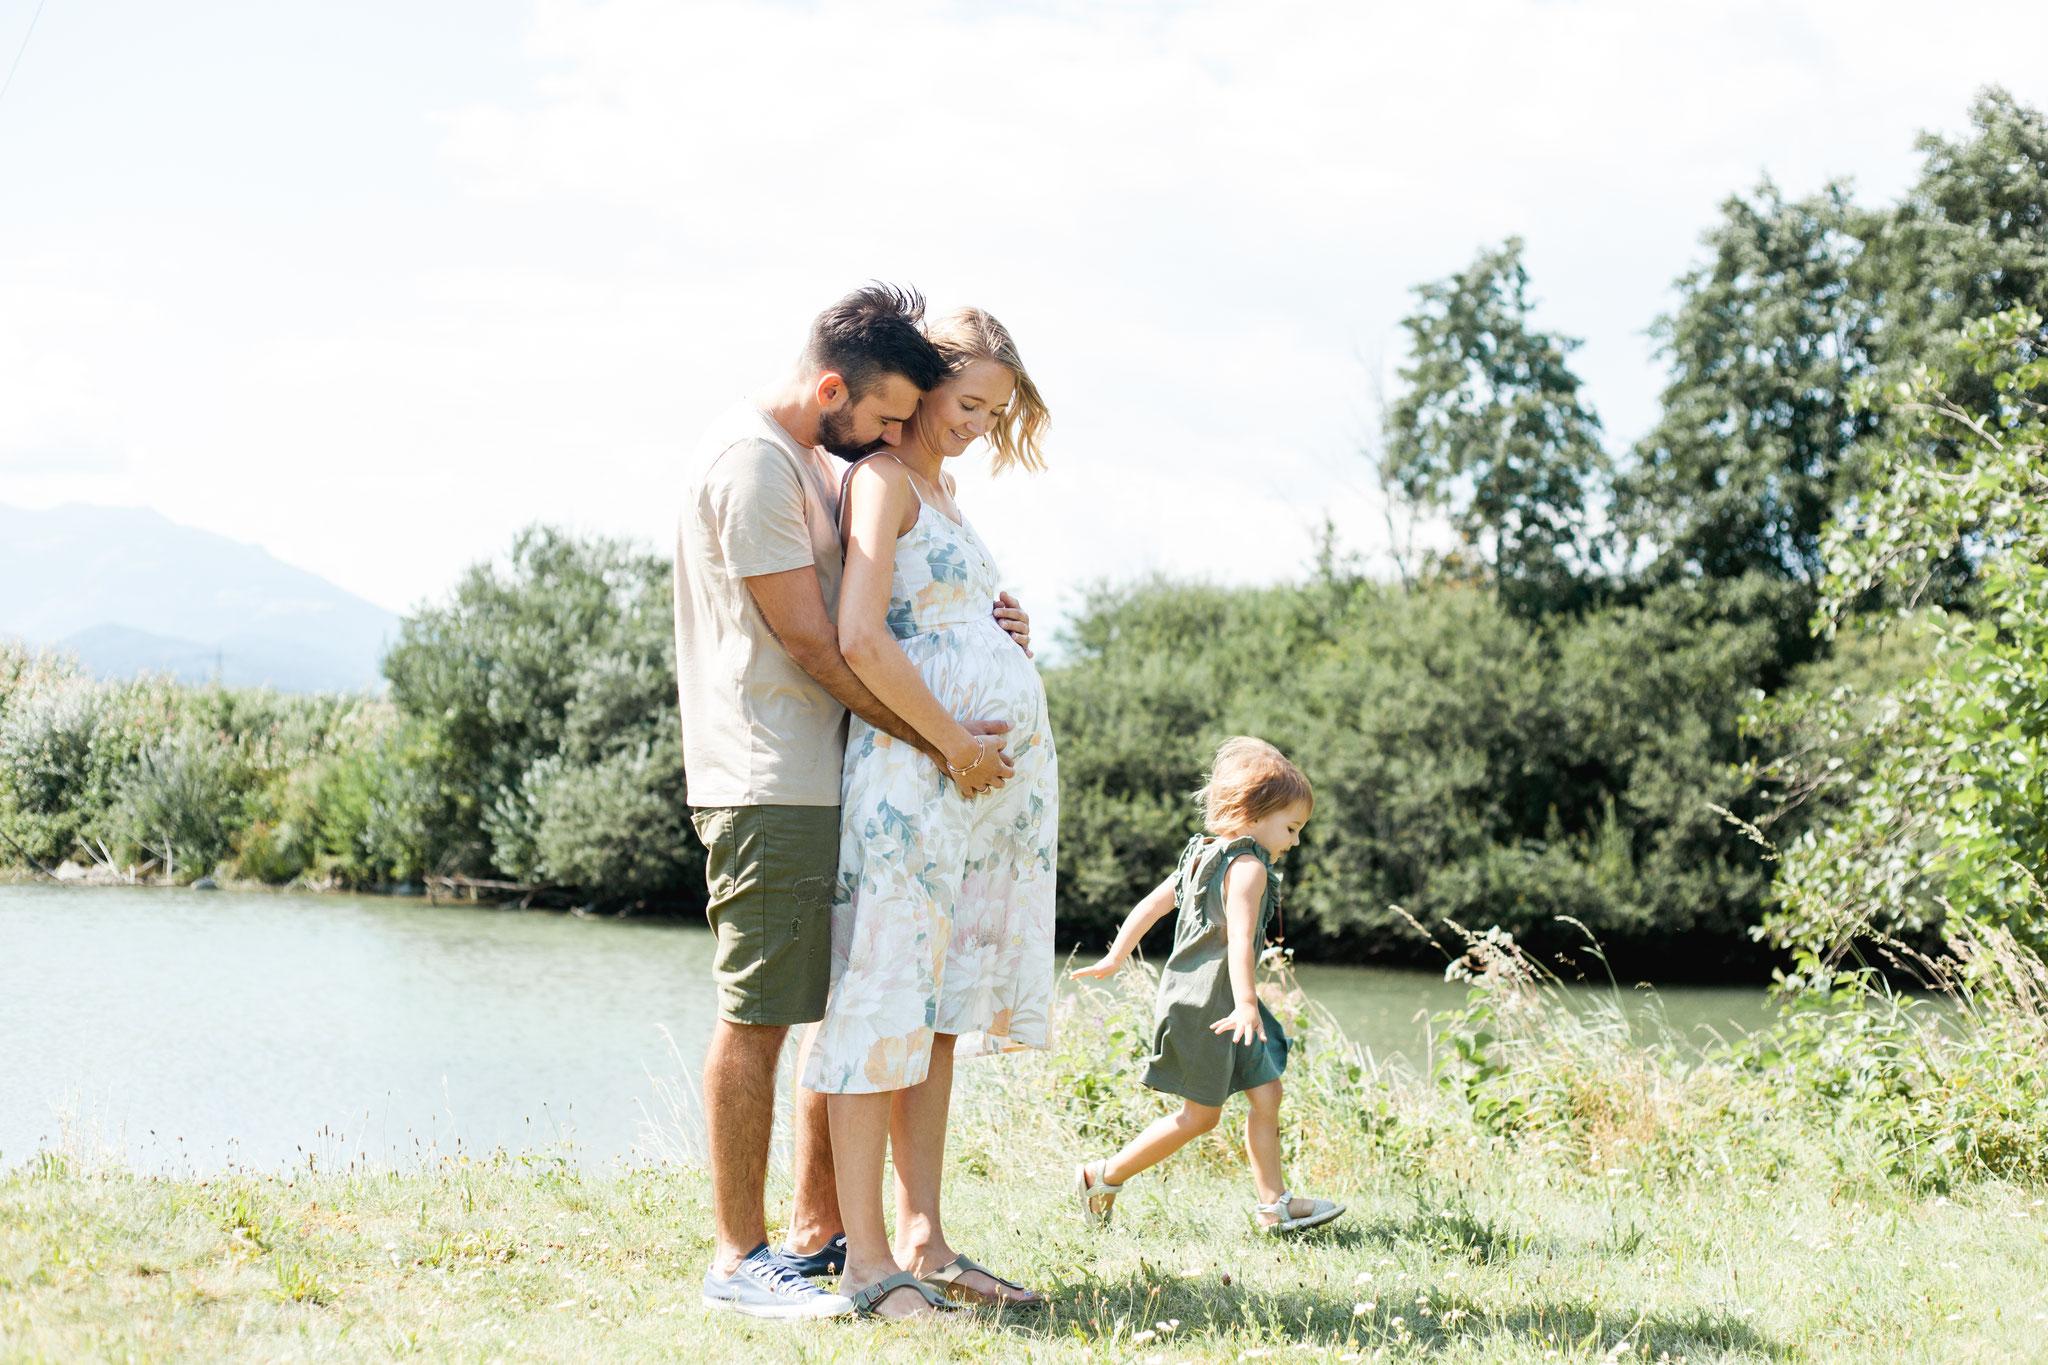 Sommerliches Babybauchfoto mit Familie und Kind